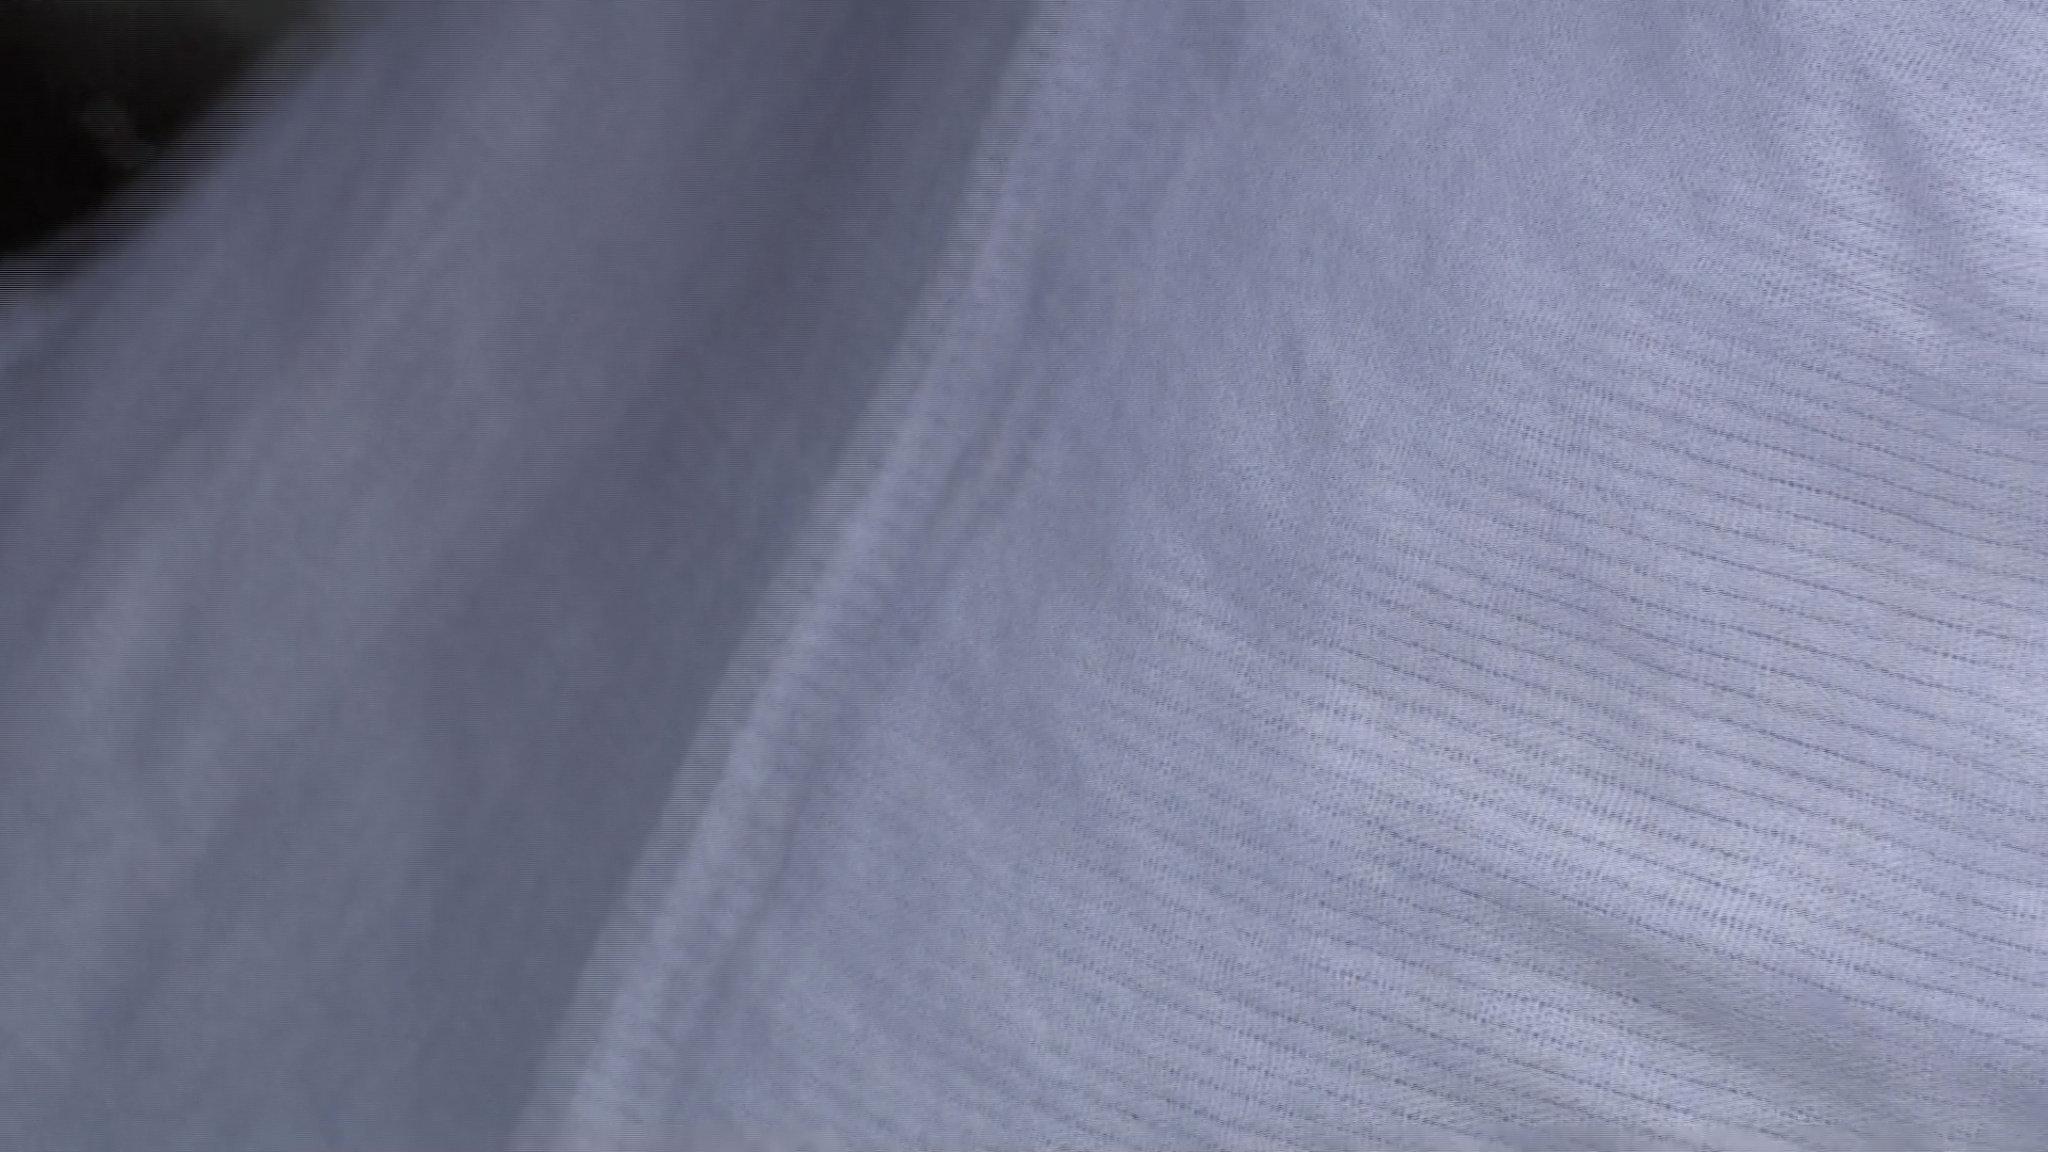 Screen Shot 2014-02-10 at 9.18.49 PM.png